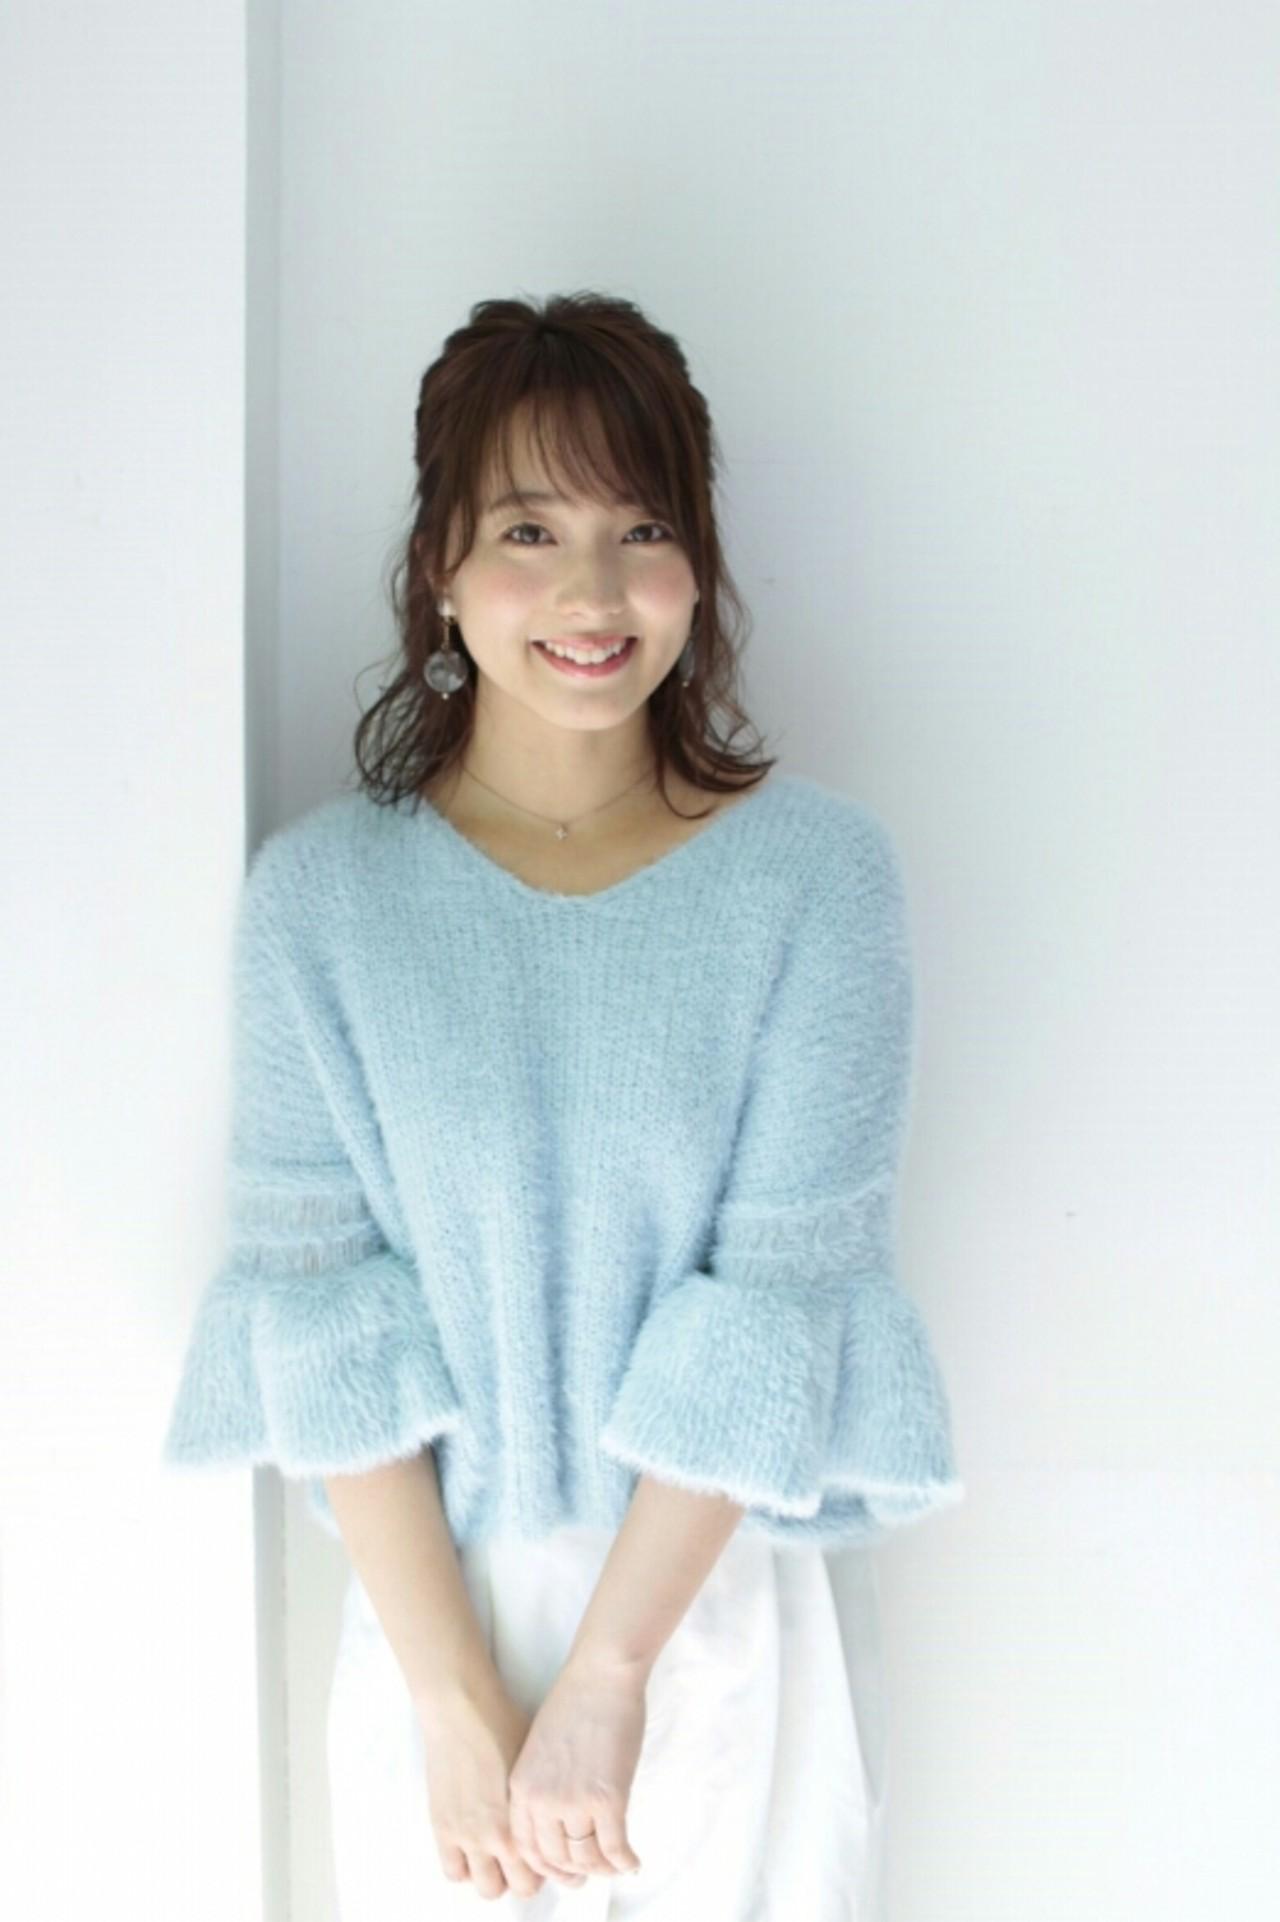 ボブ ショート ナチュラル ヘアアレンジ ヘアスタイルや髪型の写真・画像 | asuka /